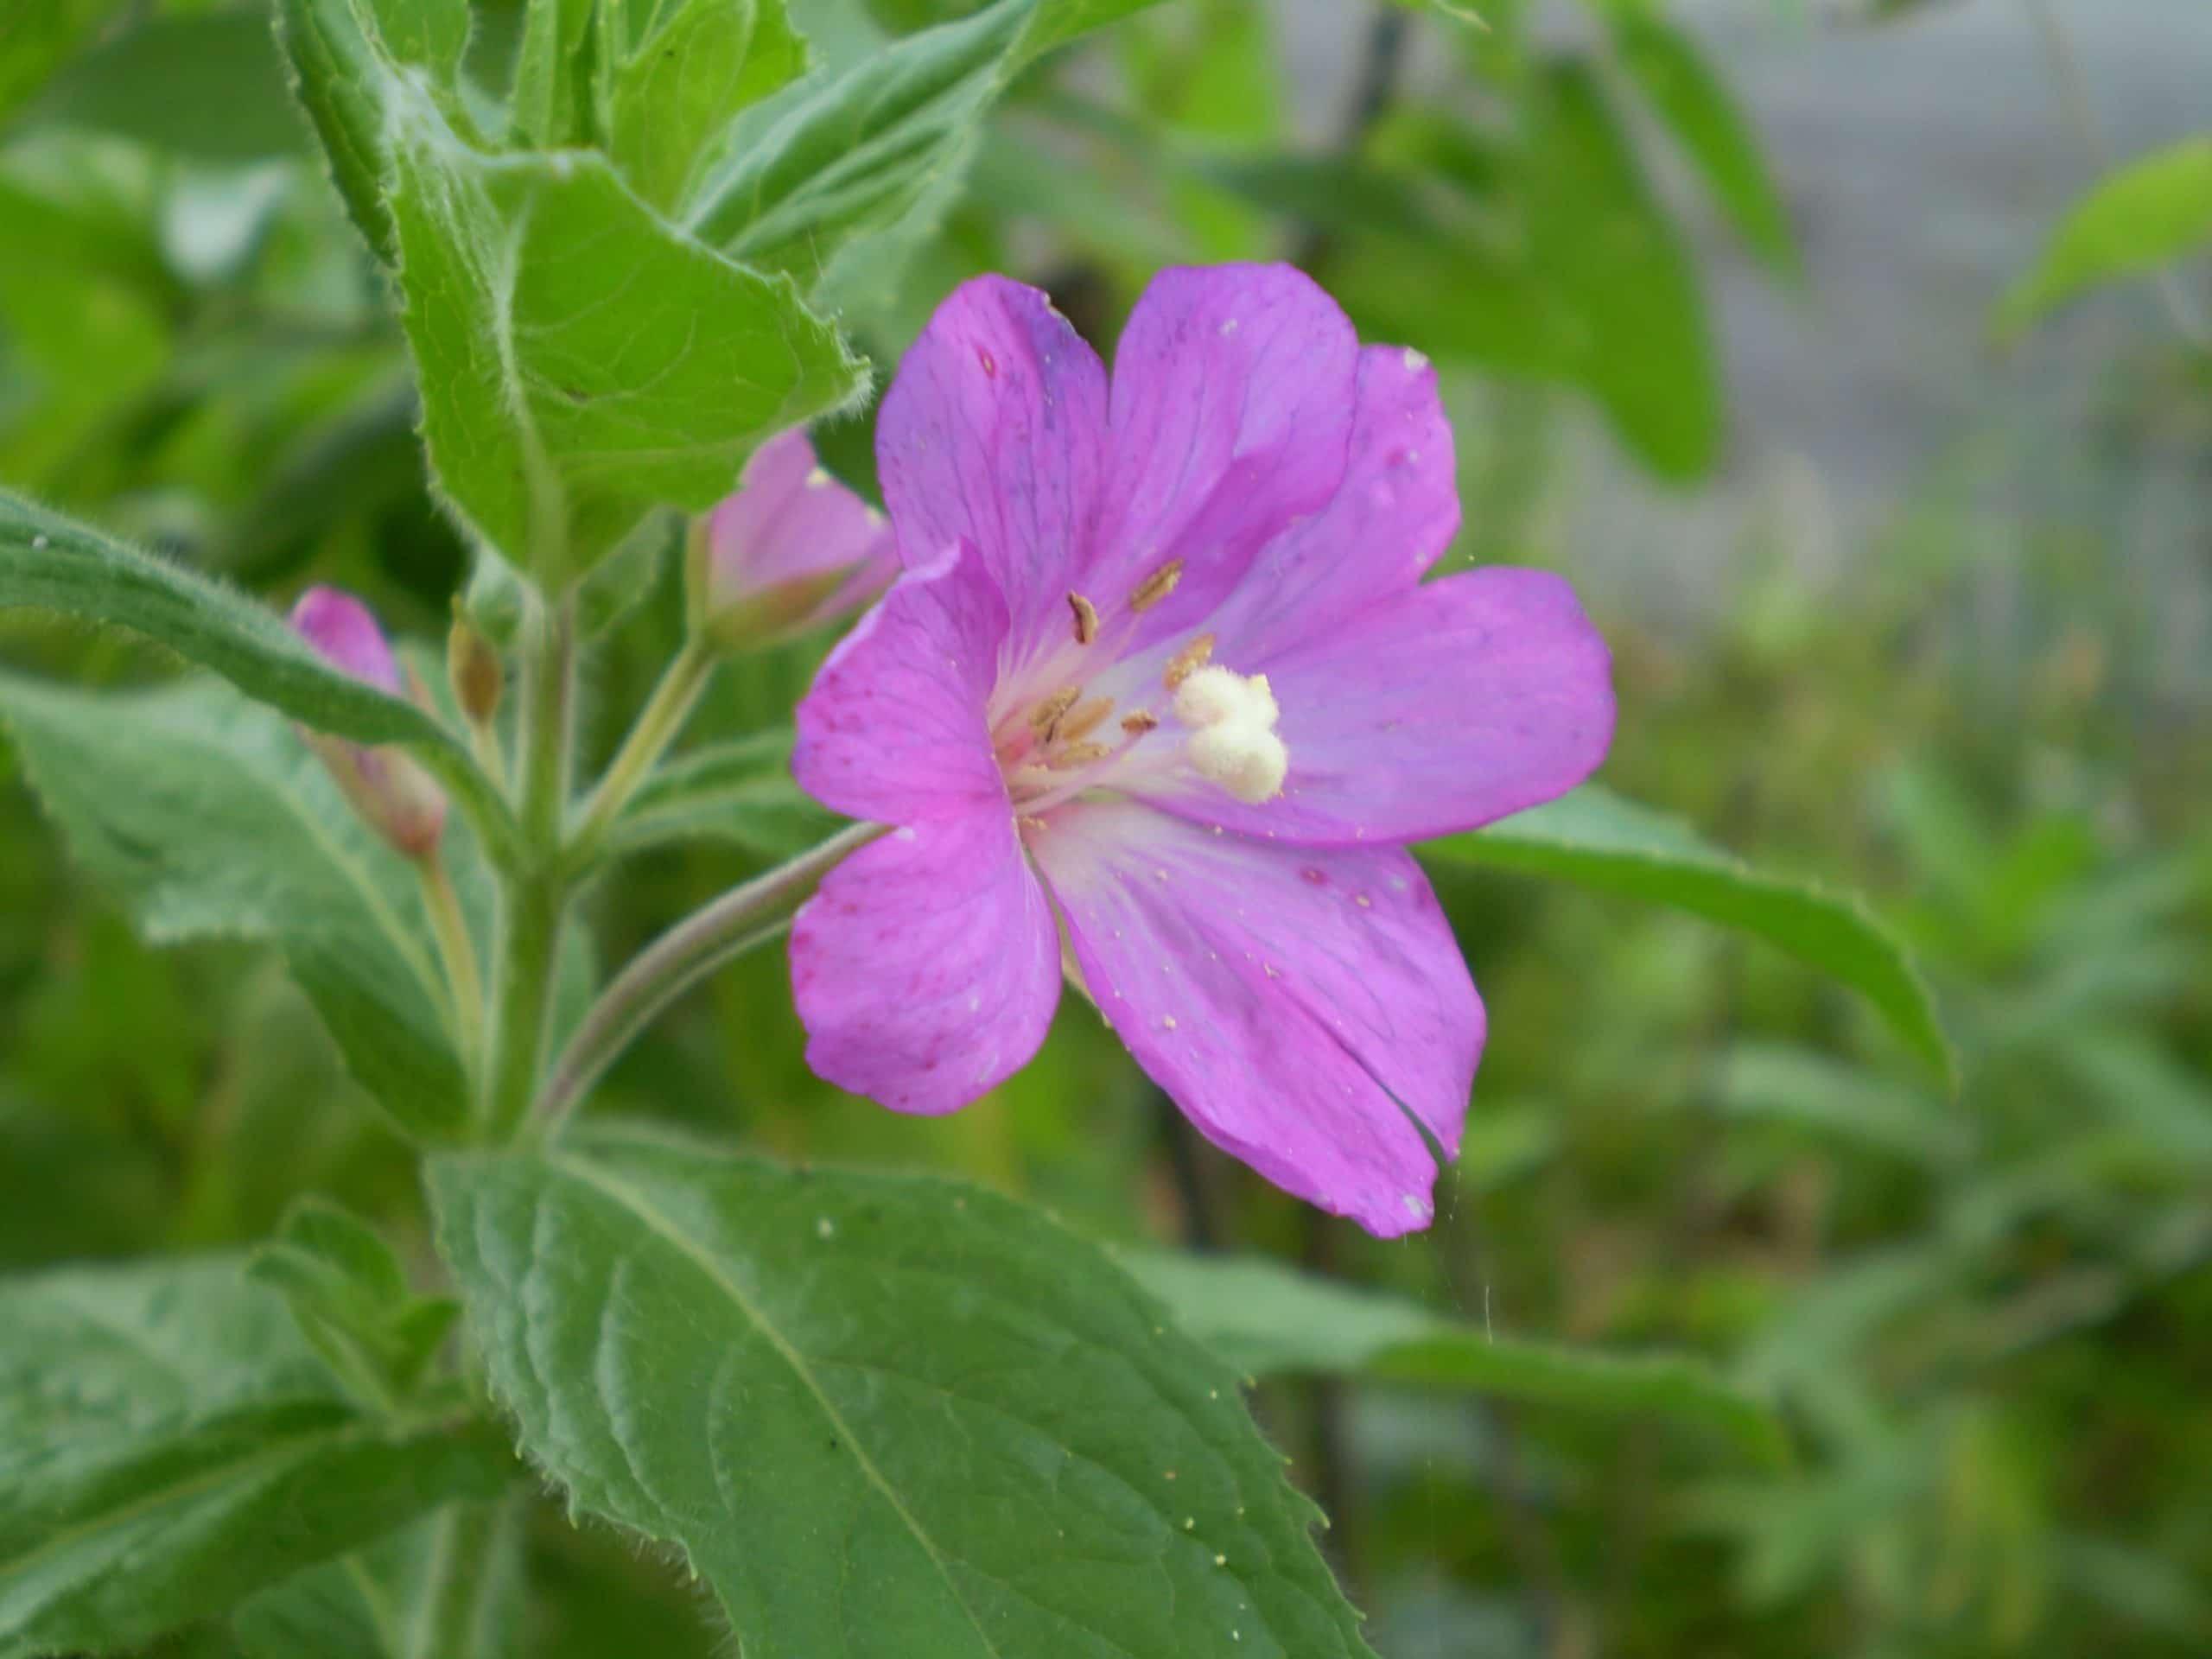 Vista del Epilobium parviflorum en flor